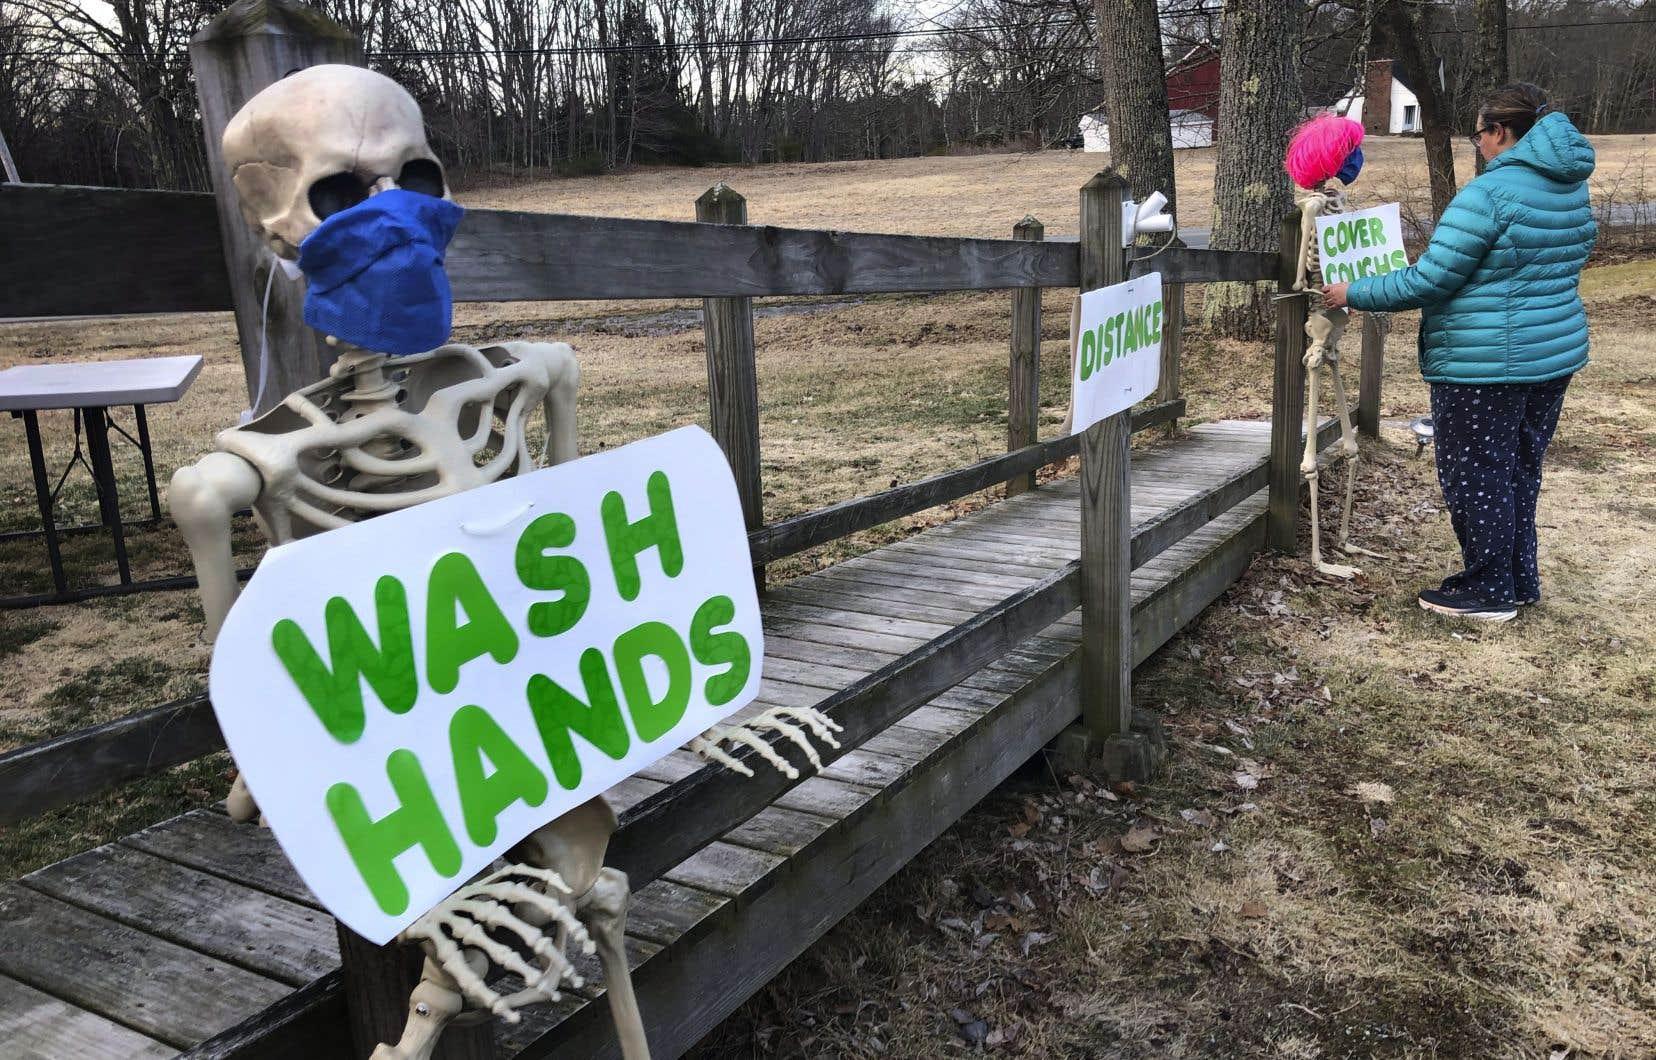 Belinda Brewer, une habitante du Maine, utilise des squelettes décoratifs pour inviter les passants à suivre les règles sanitaires.